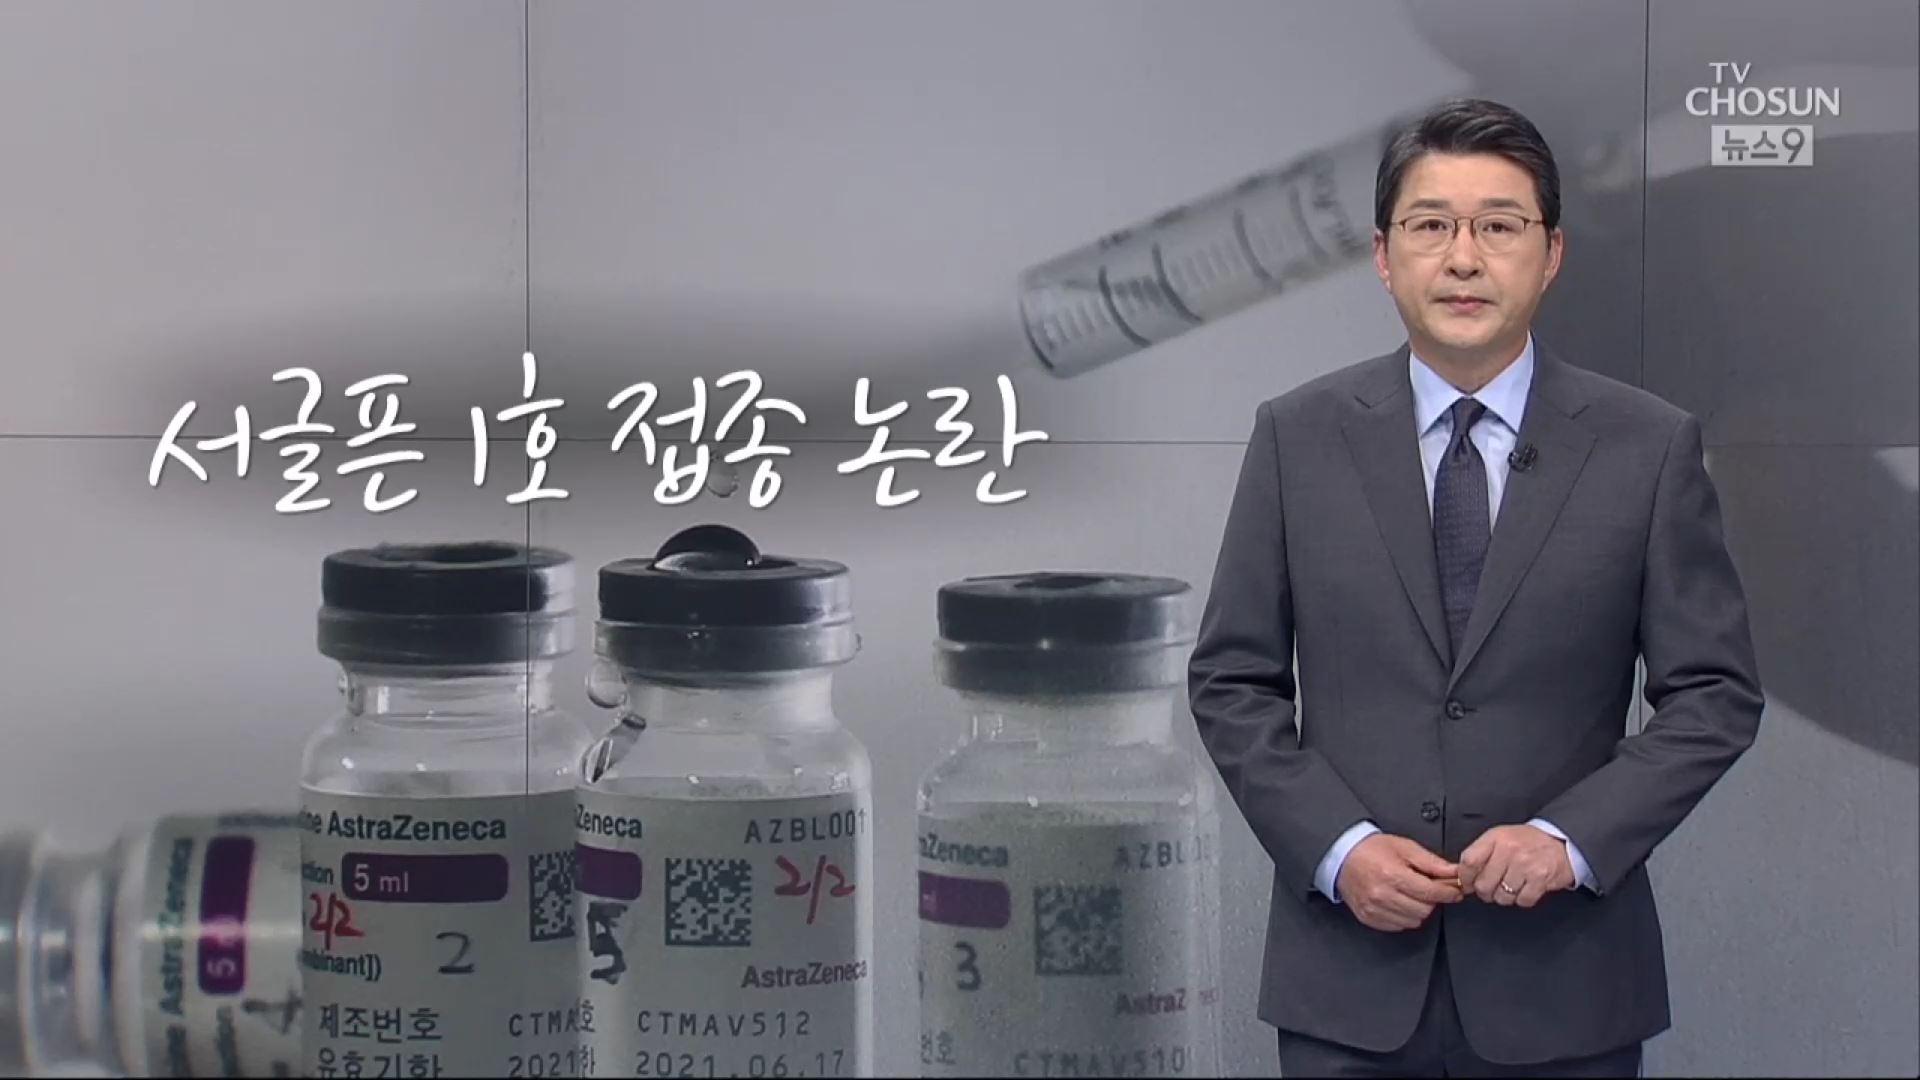 [신동욱 앵커의 시선] 서글픈 1호 접종 논란